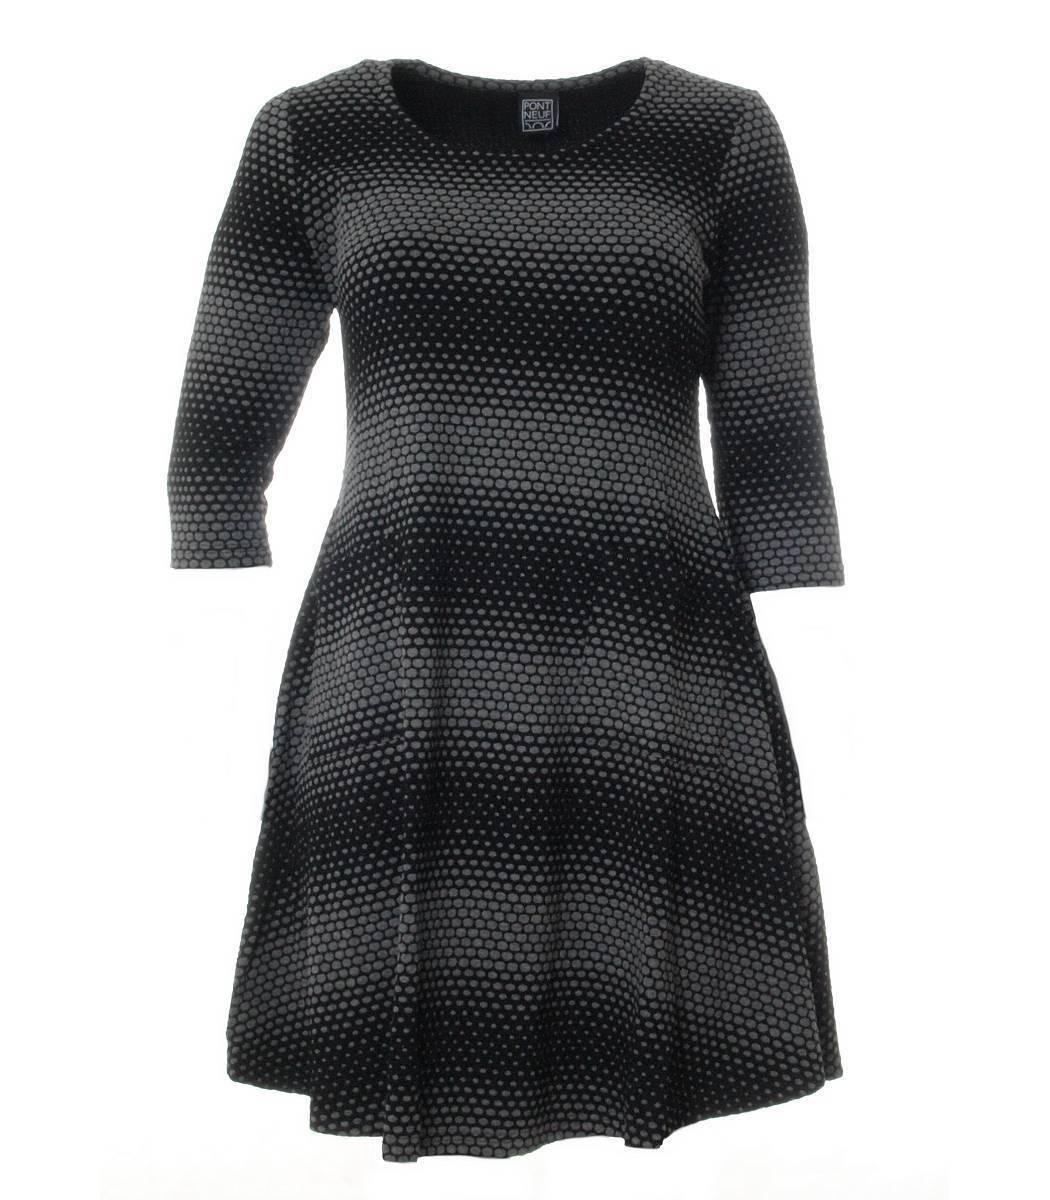 Winterkleid aus Stretch Viskose von Pont Neuf in grey black knielang 3 4 Arm